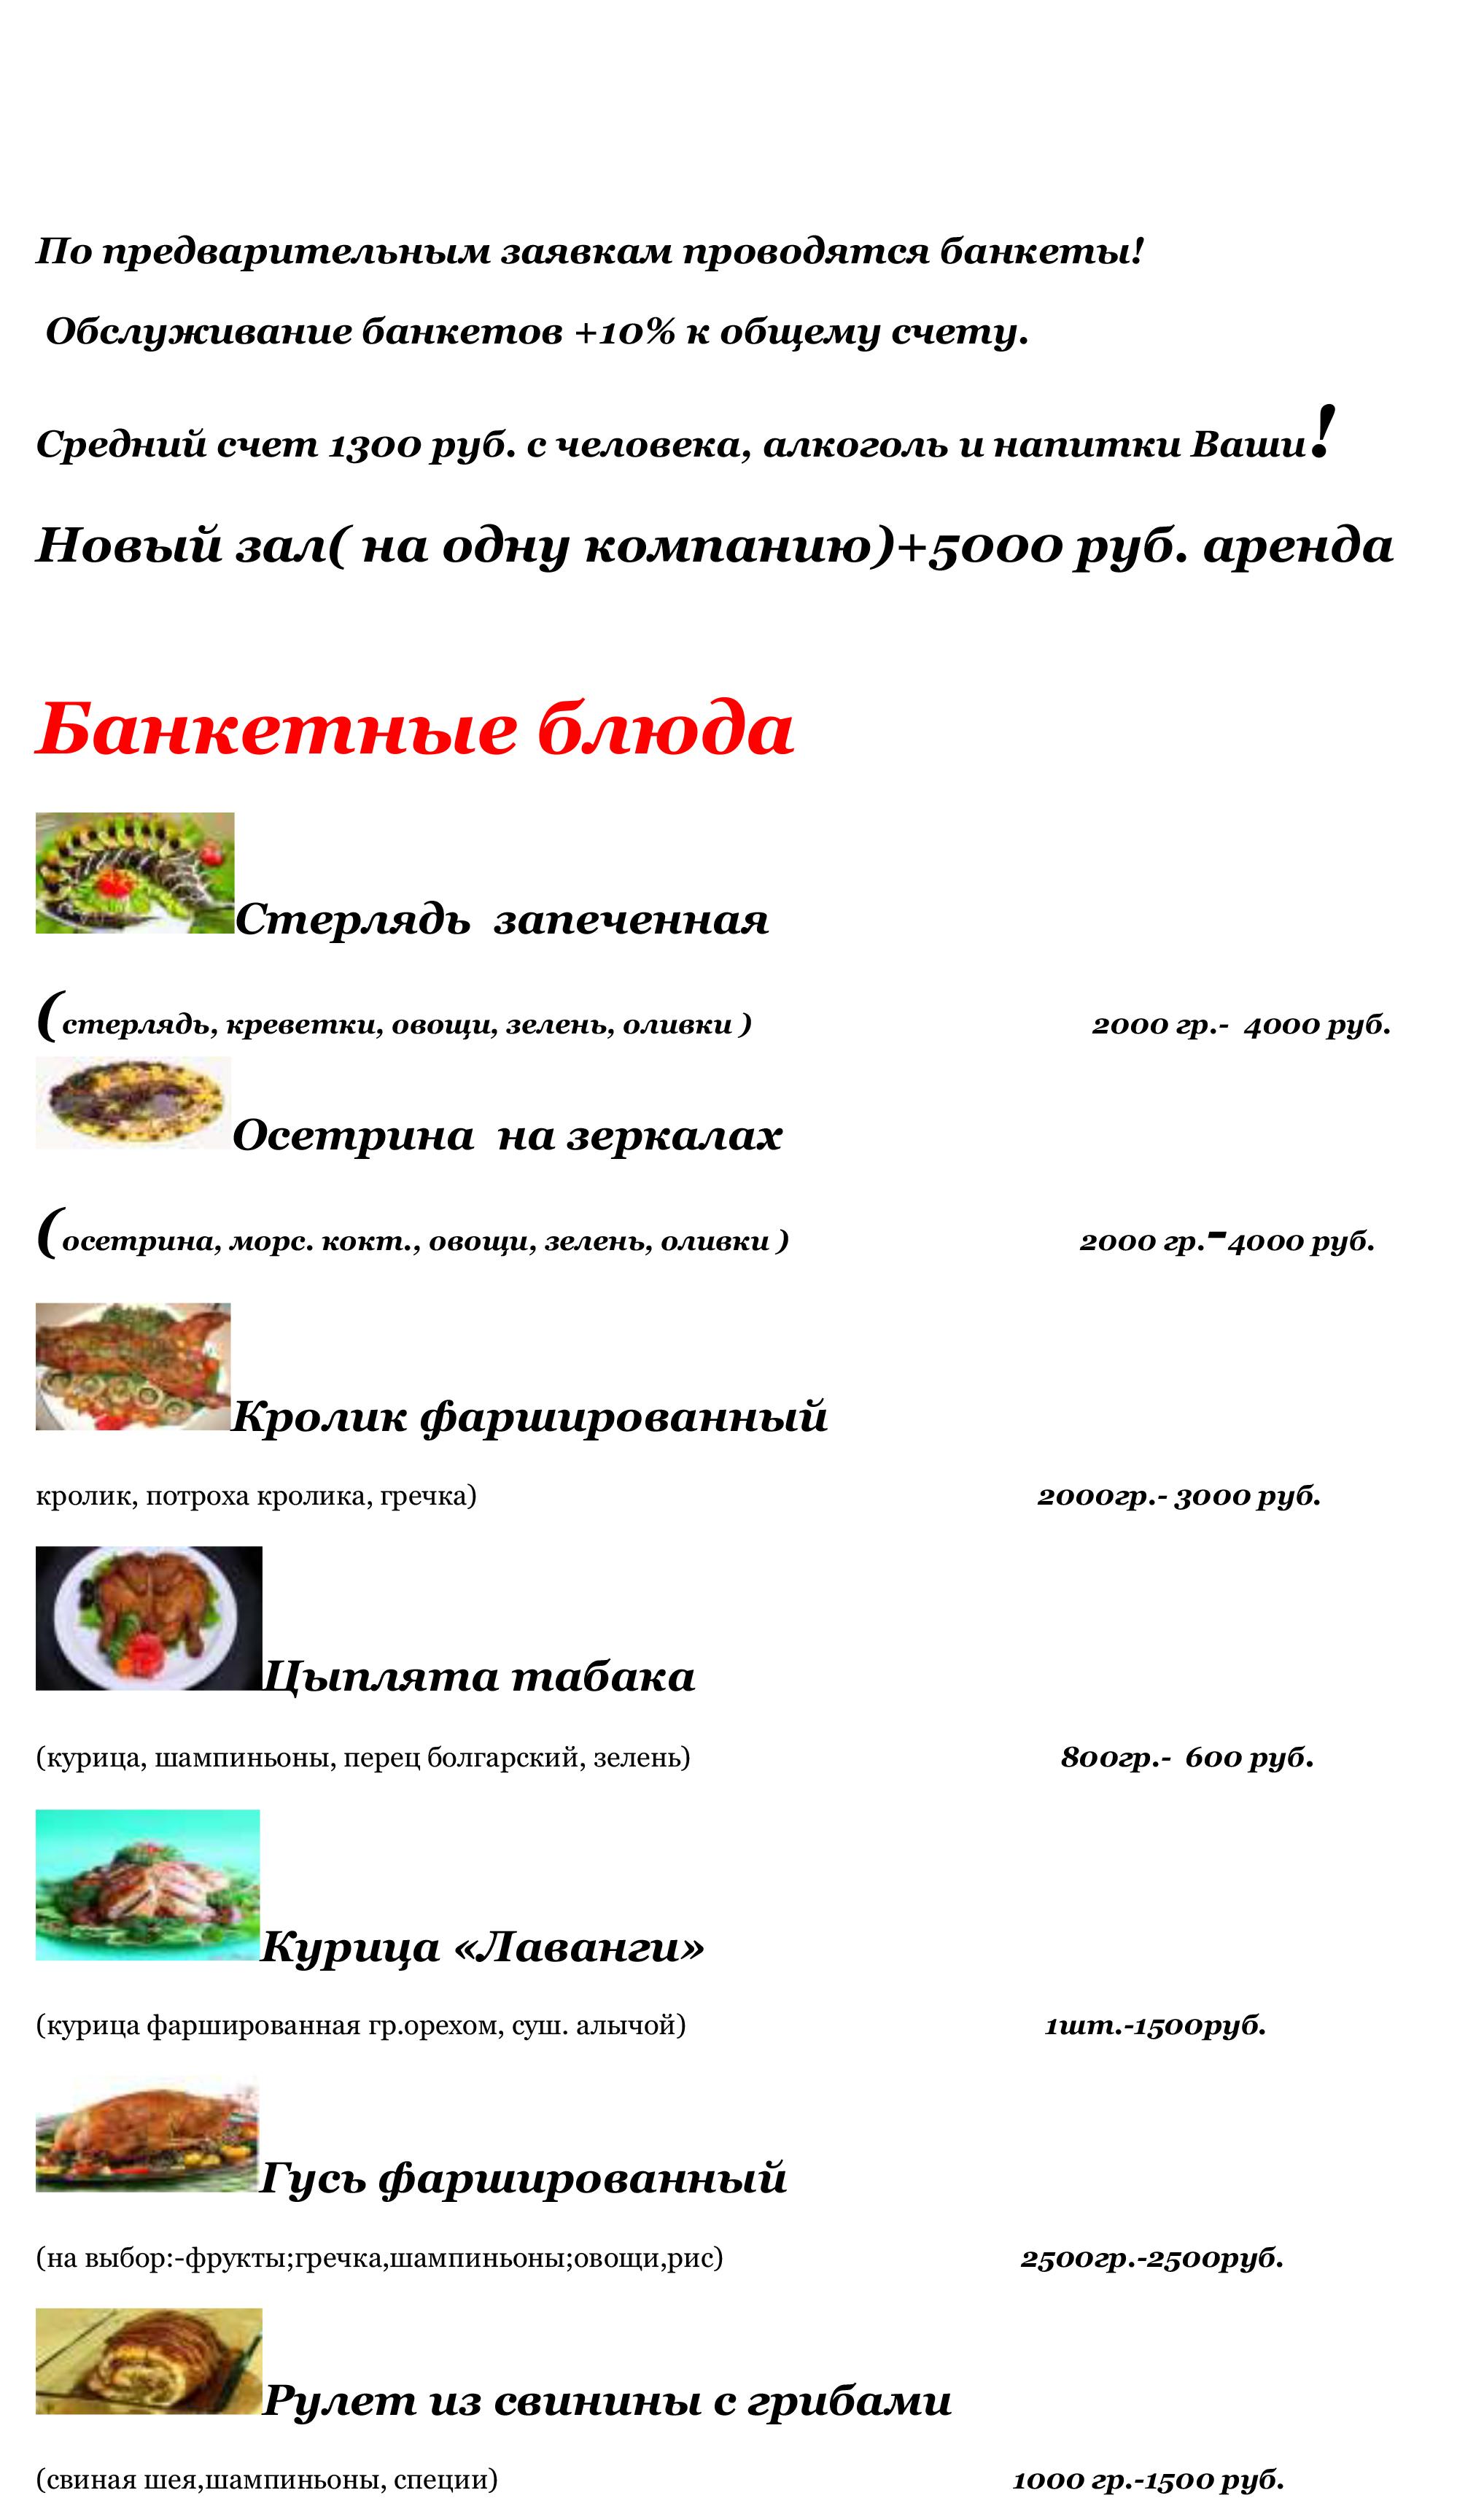 Меню кафе Сибирские луга 19